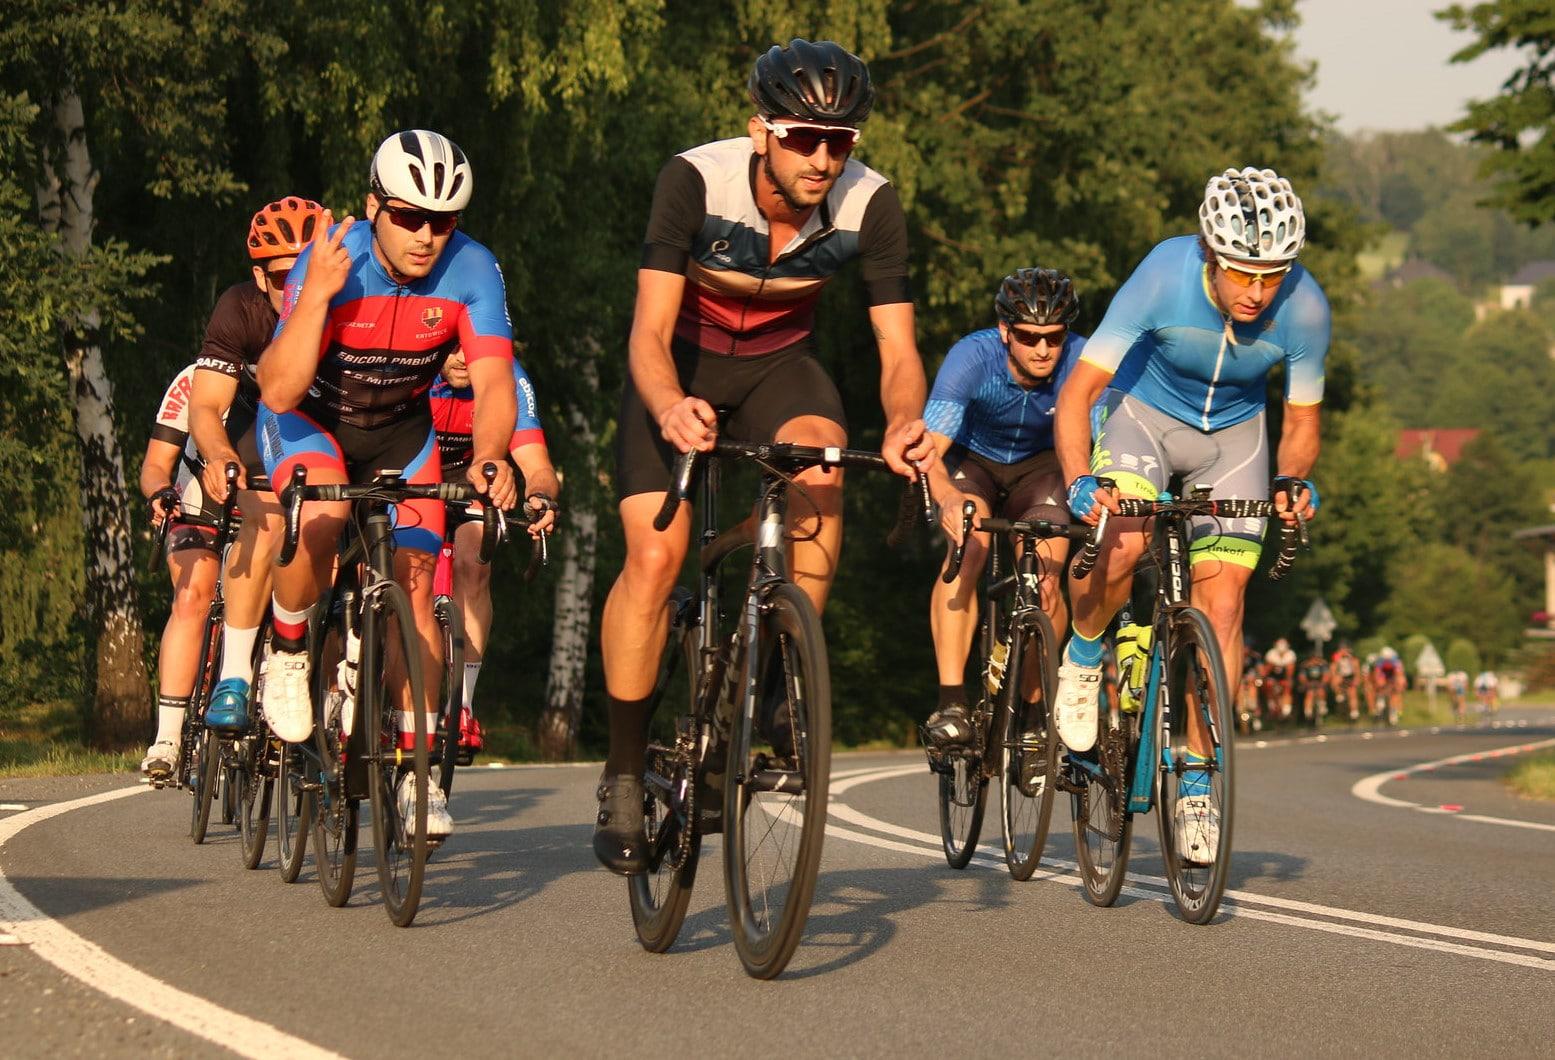 Des boucles enregistrées sur Strava pour faire du vélo quelque soit votre emplacement